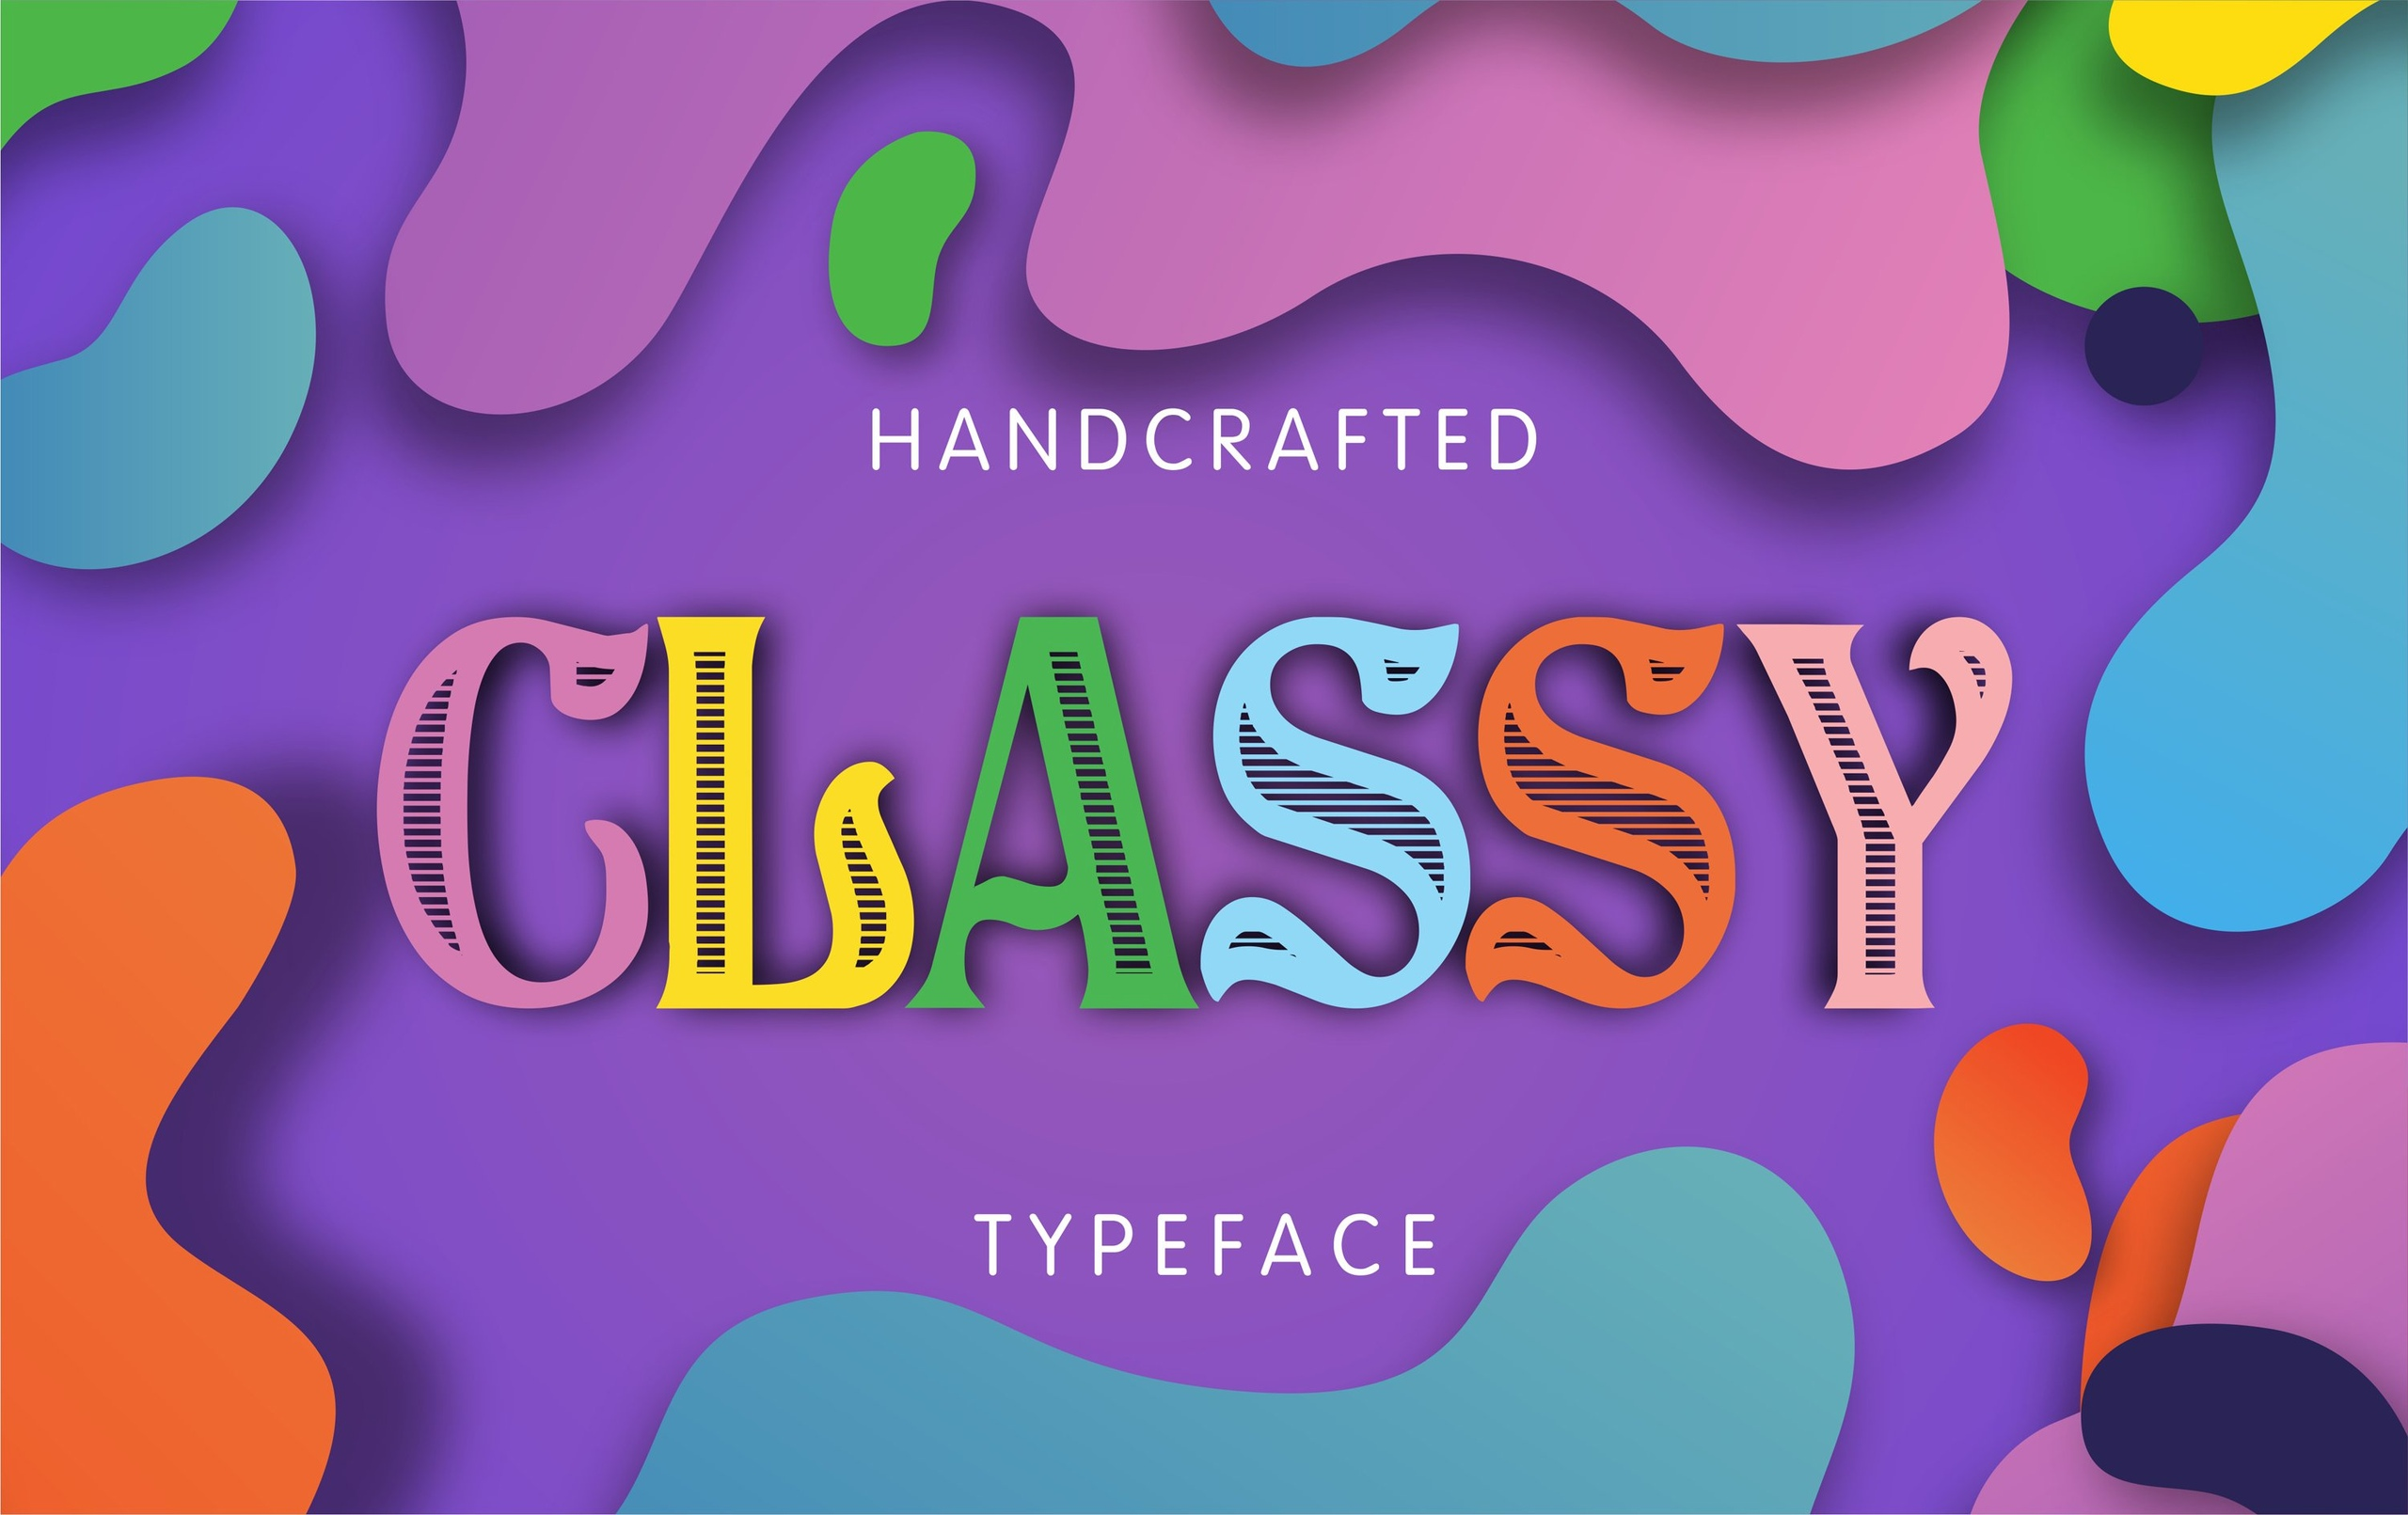 Classy个性镂空文艺设计衬线英文字体下载